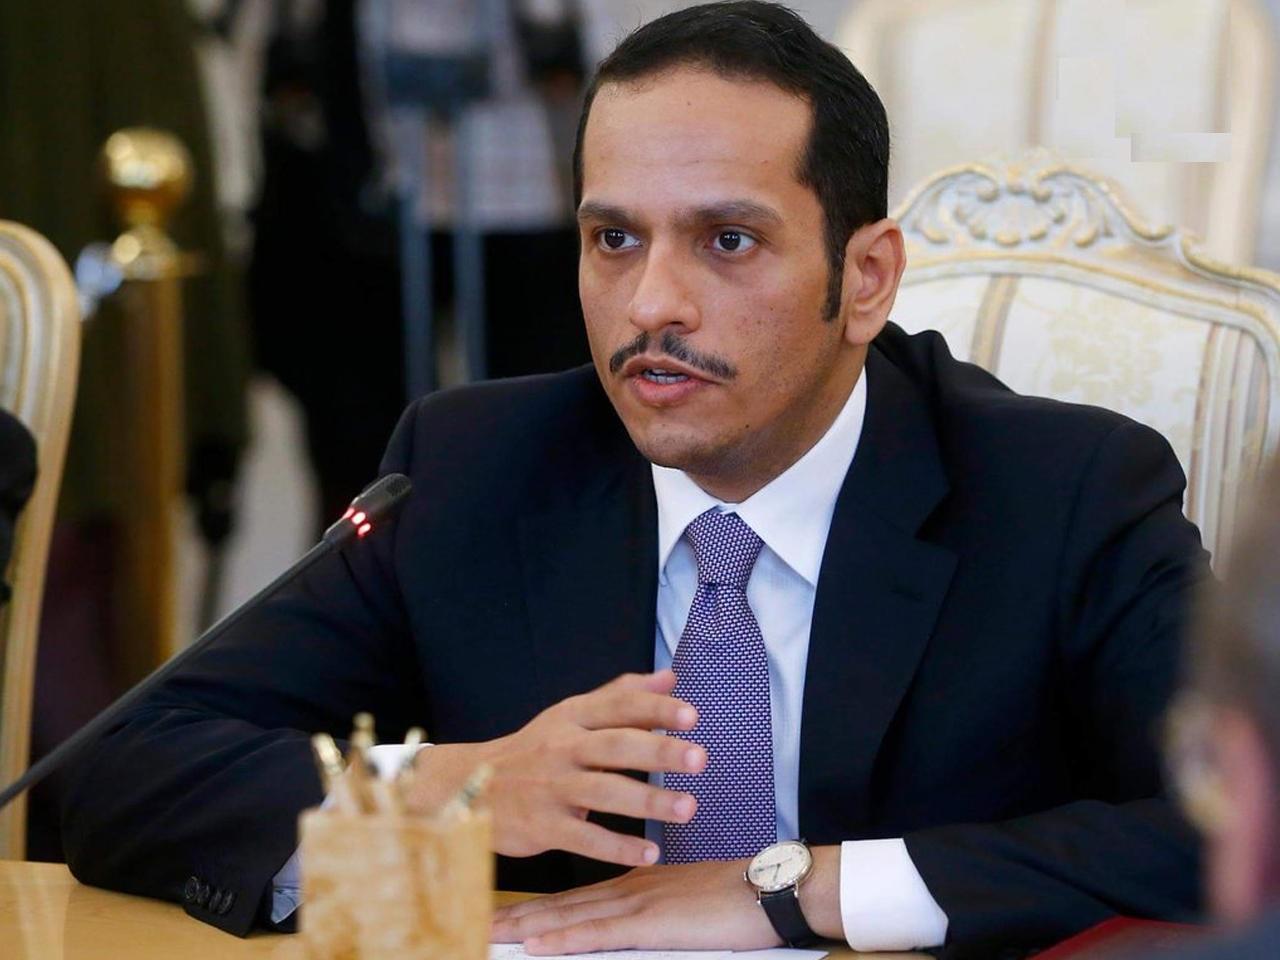 قطر: دول الحصار لم تقدم أي دليل يدعم موقفها حتى الآن